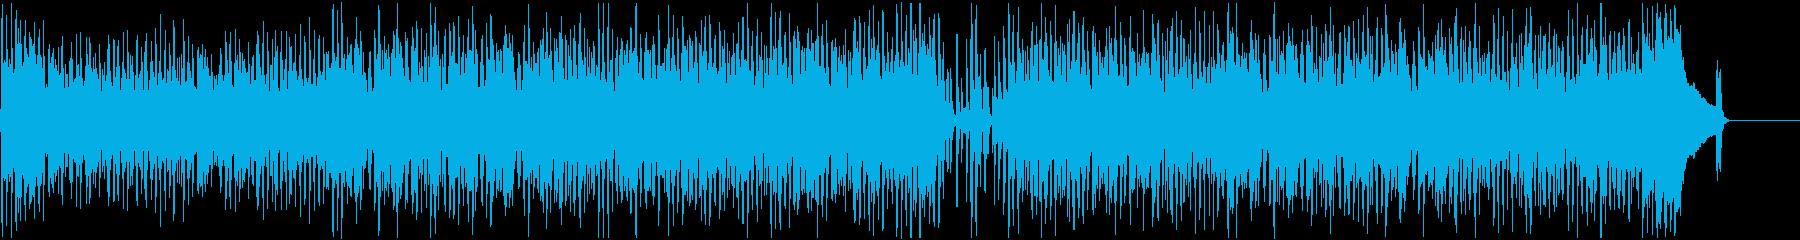 クールでアップテンポなピアノジャズの再生済みの波形